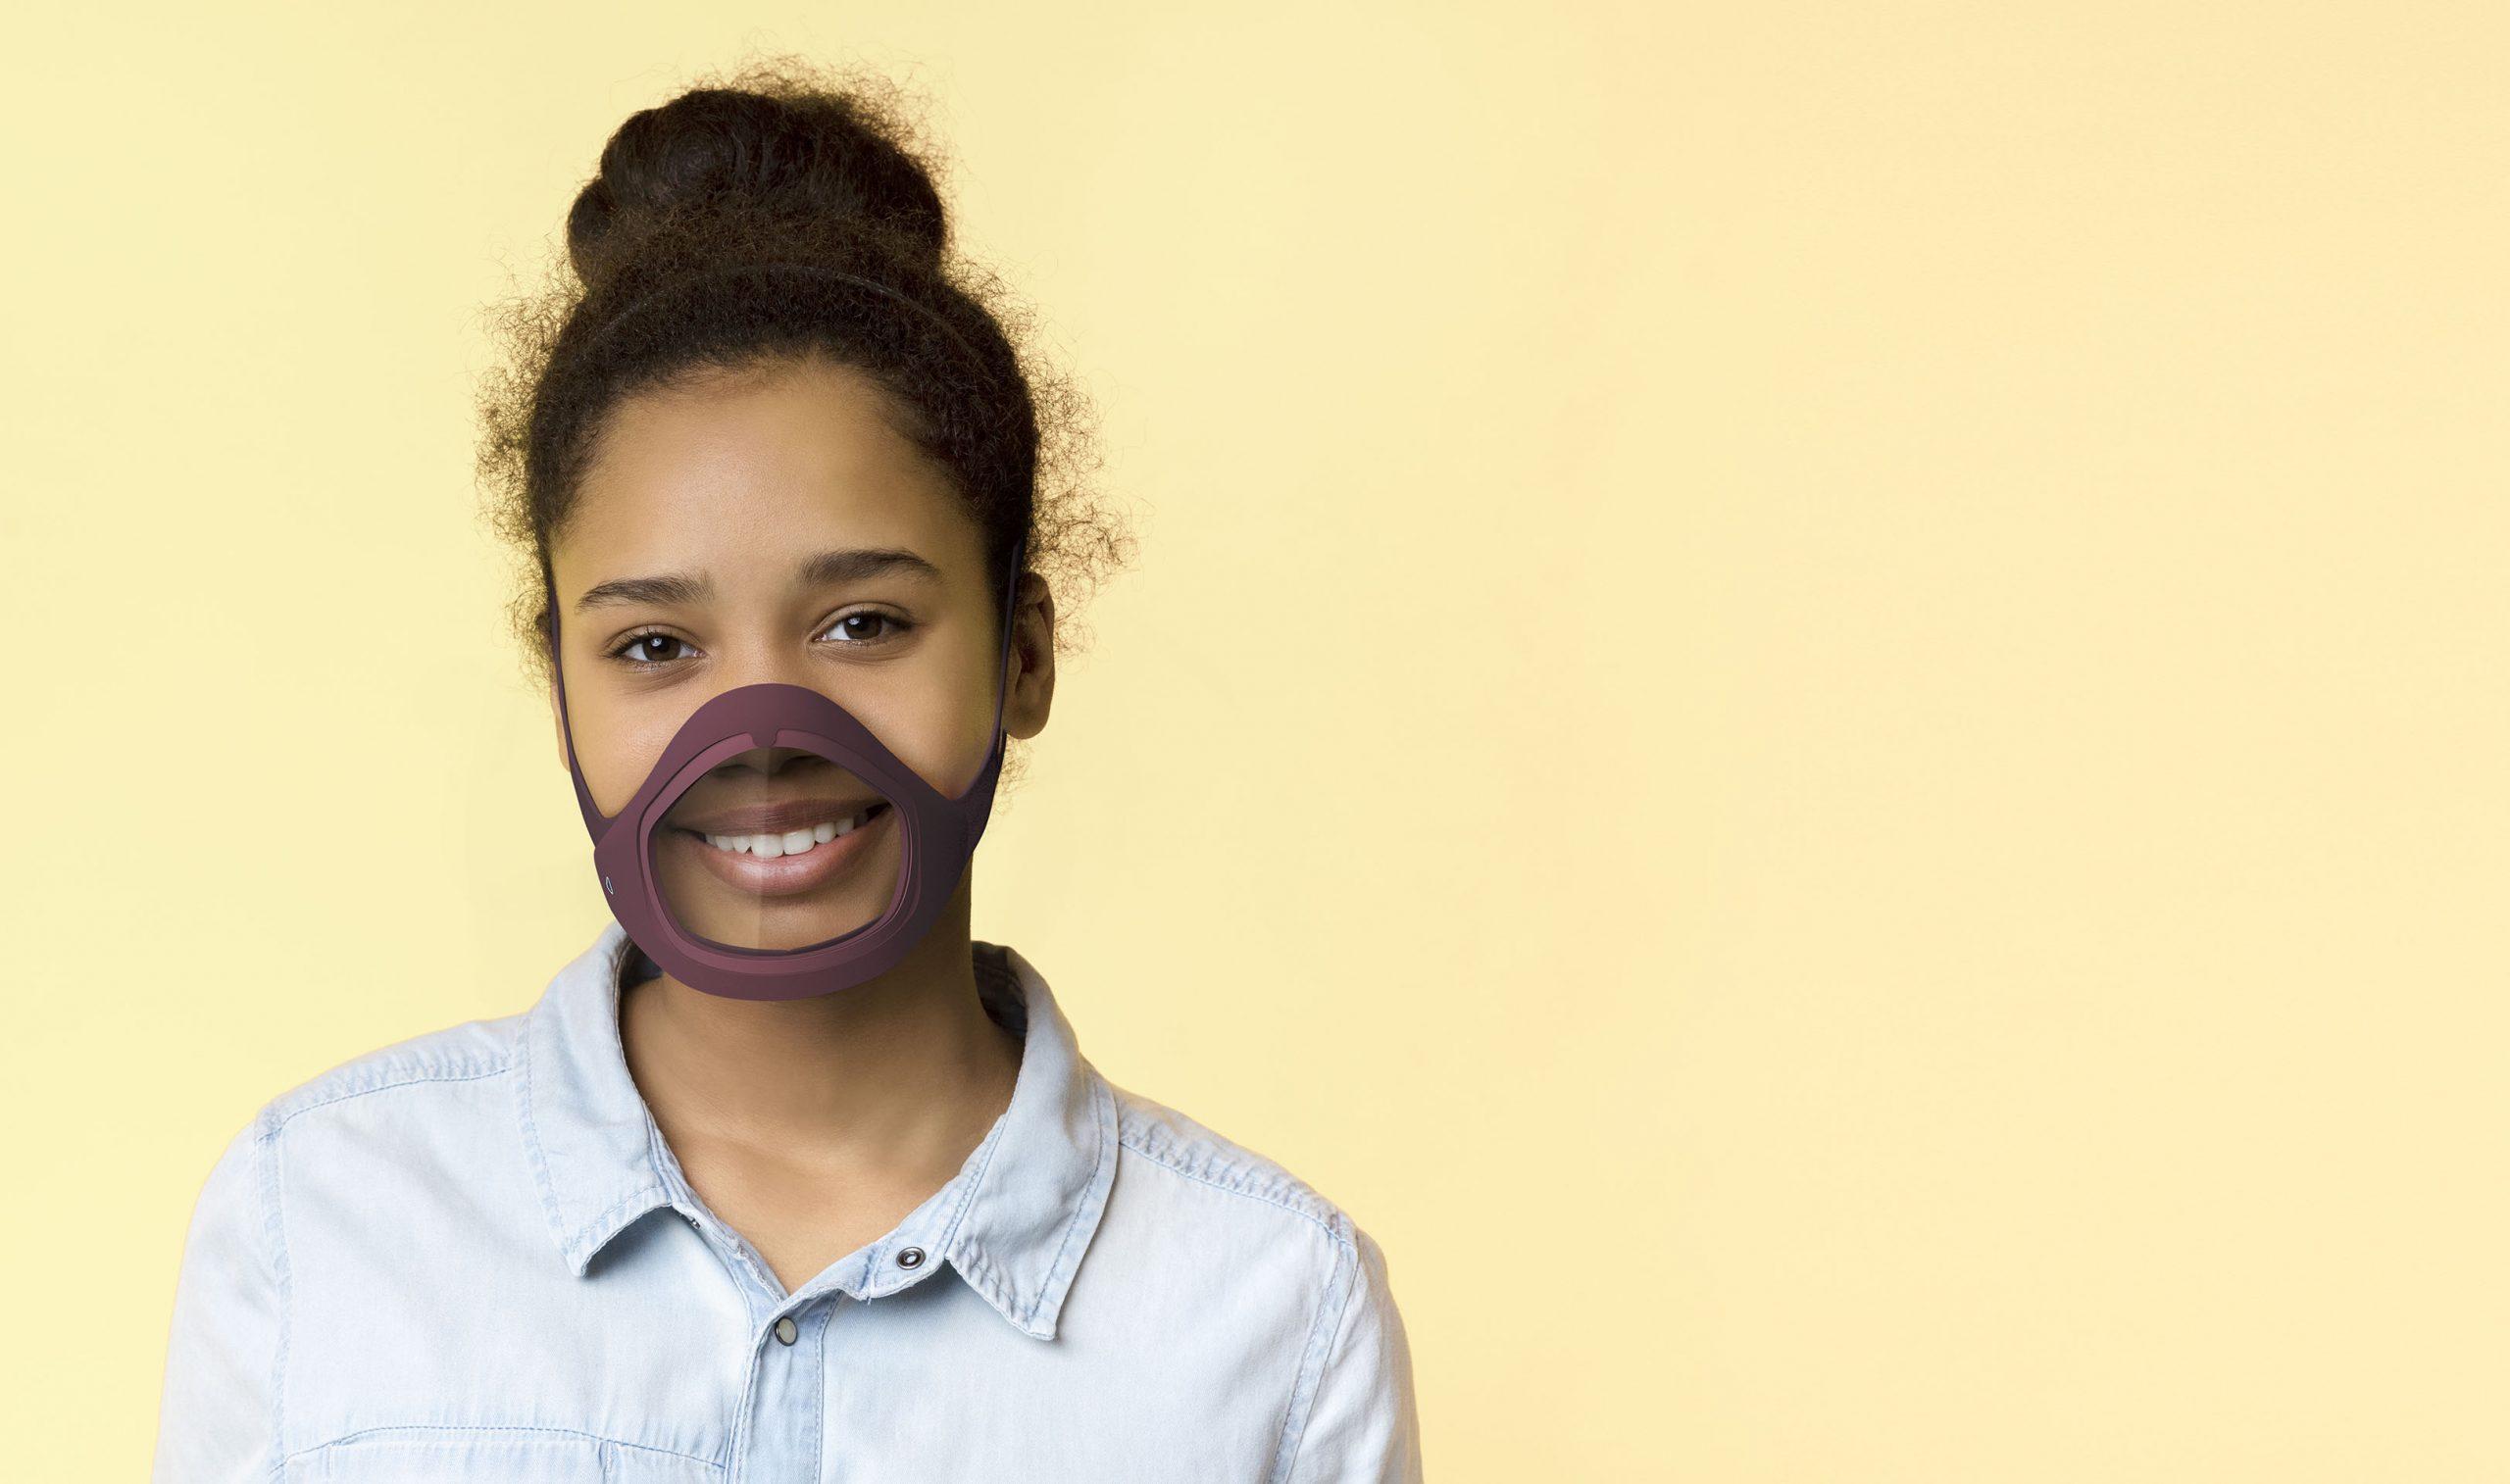 Crean mascarilla que se autodesinfecta y  mide la calidad del aire